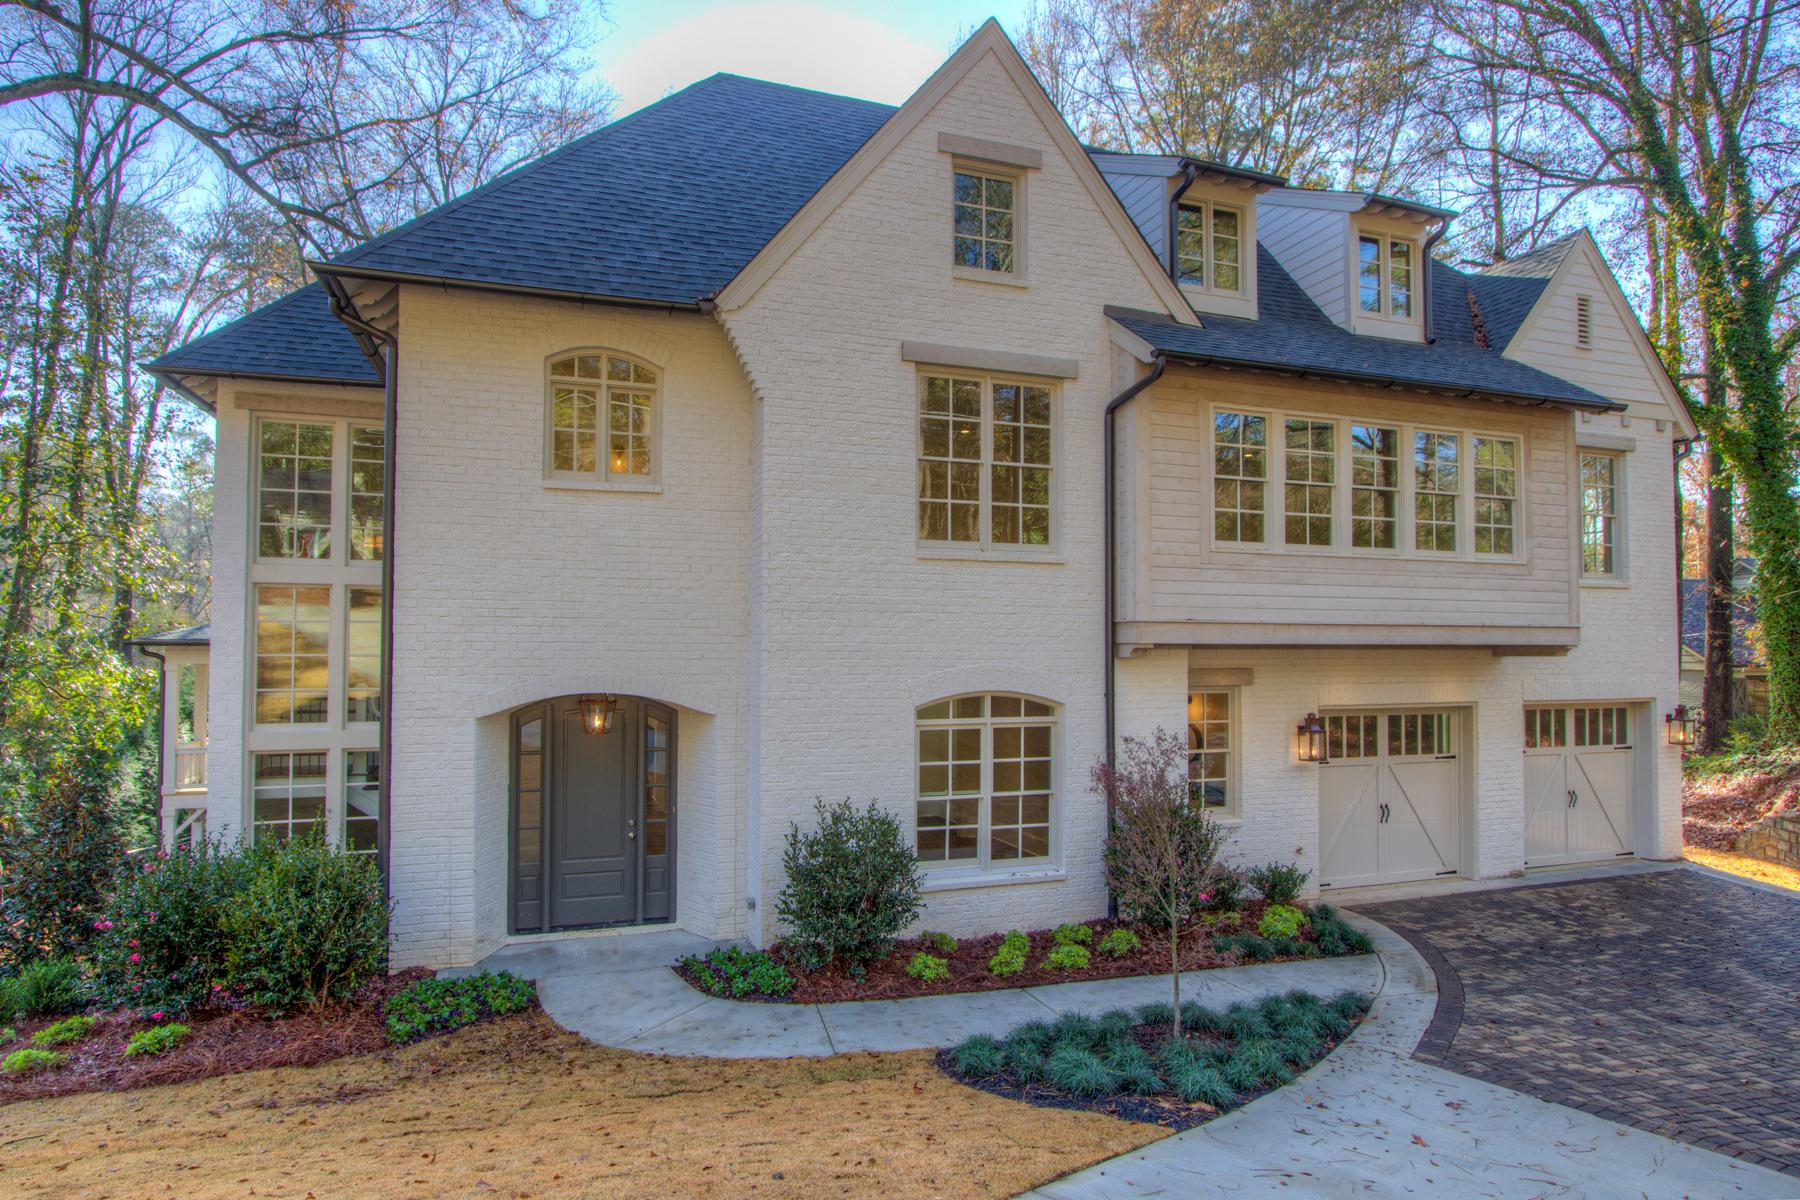 Tek Ailelik Ev için Satış at Beautiful New Construction In Chastain Park 496 Broadland Road NW Chastain Park, Atlanta, Georgia, 30342 Amerika Birleşik Devletleri